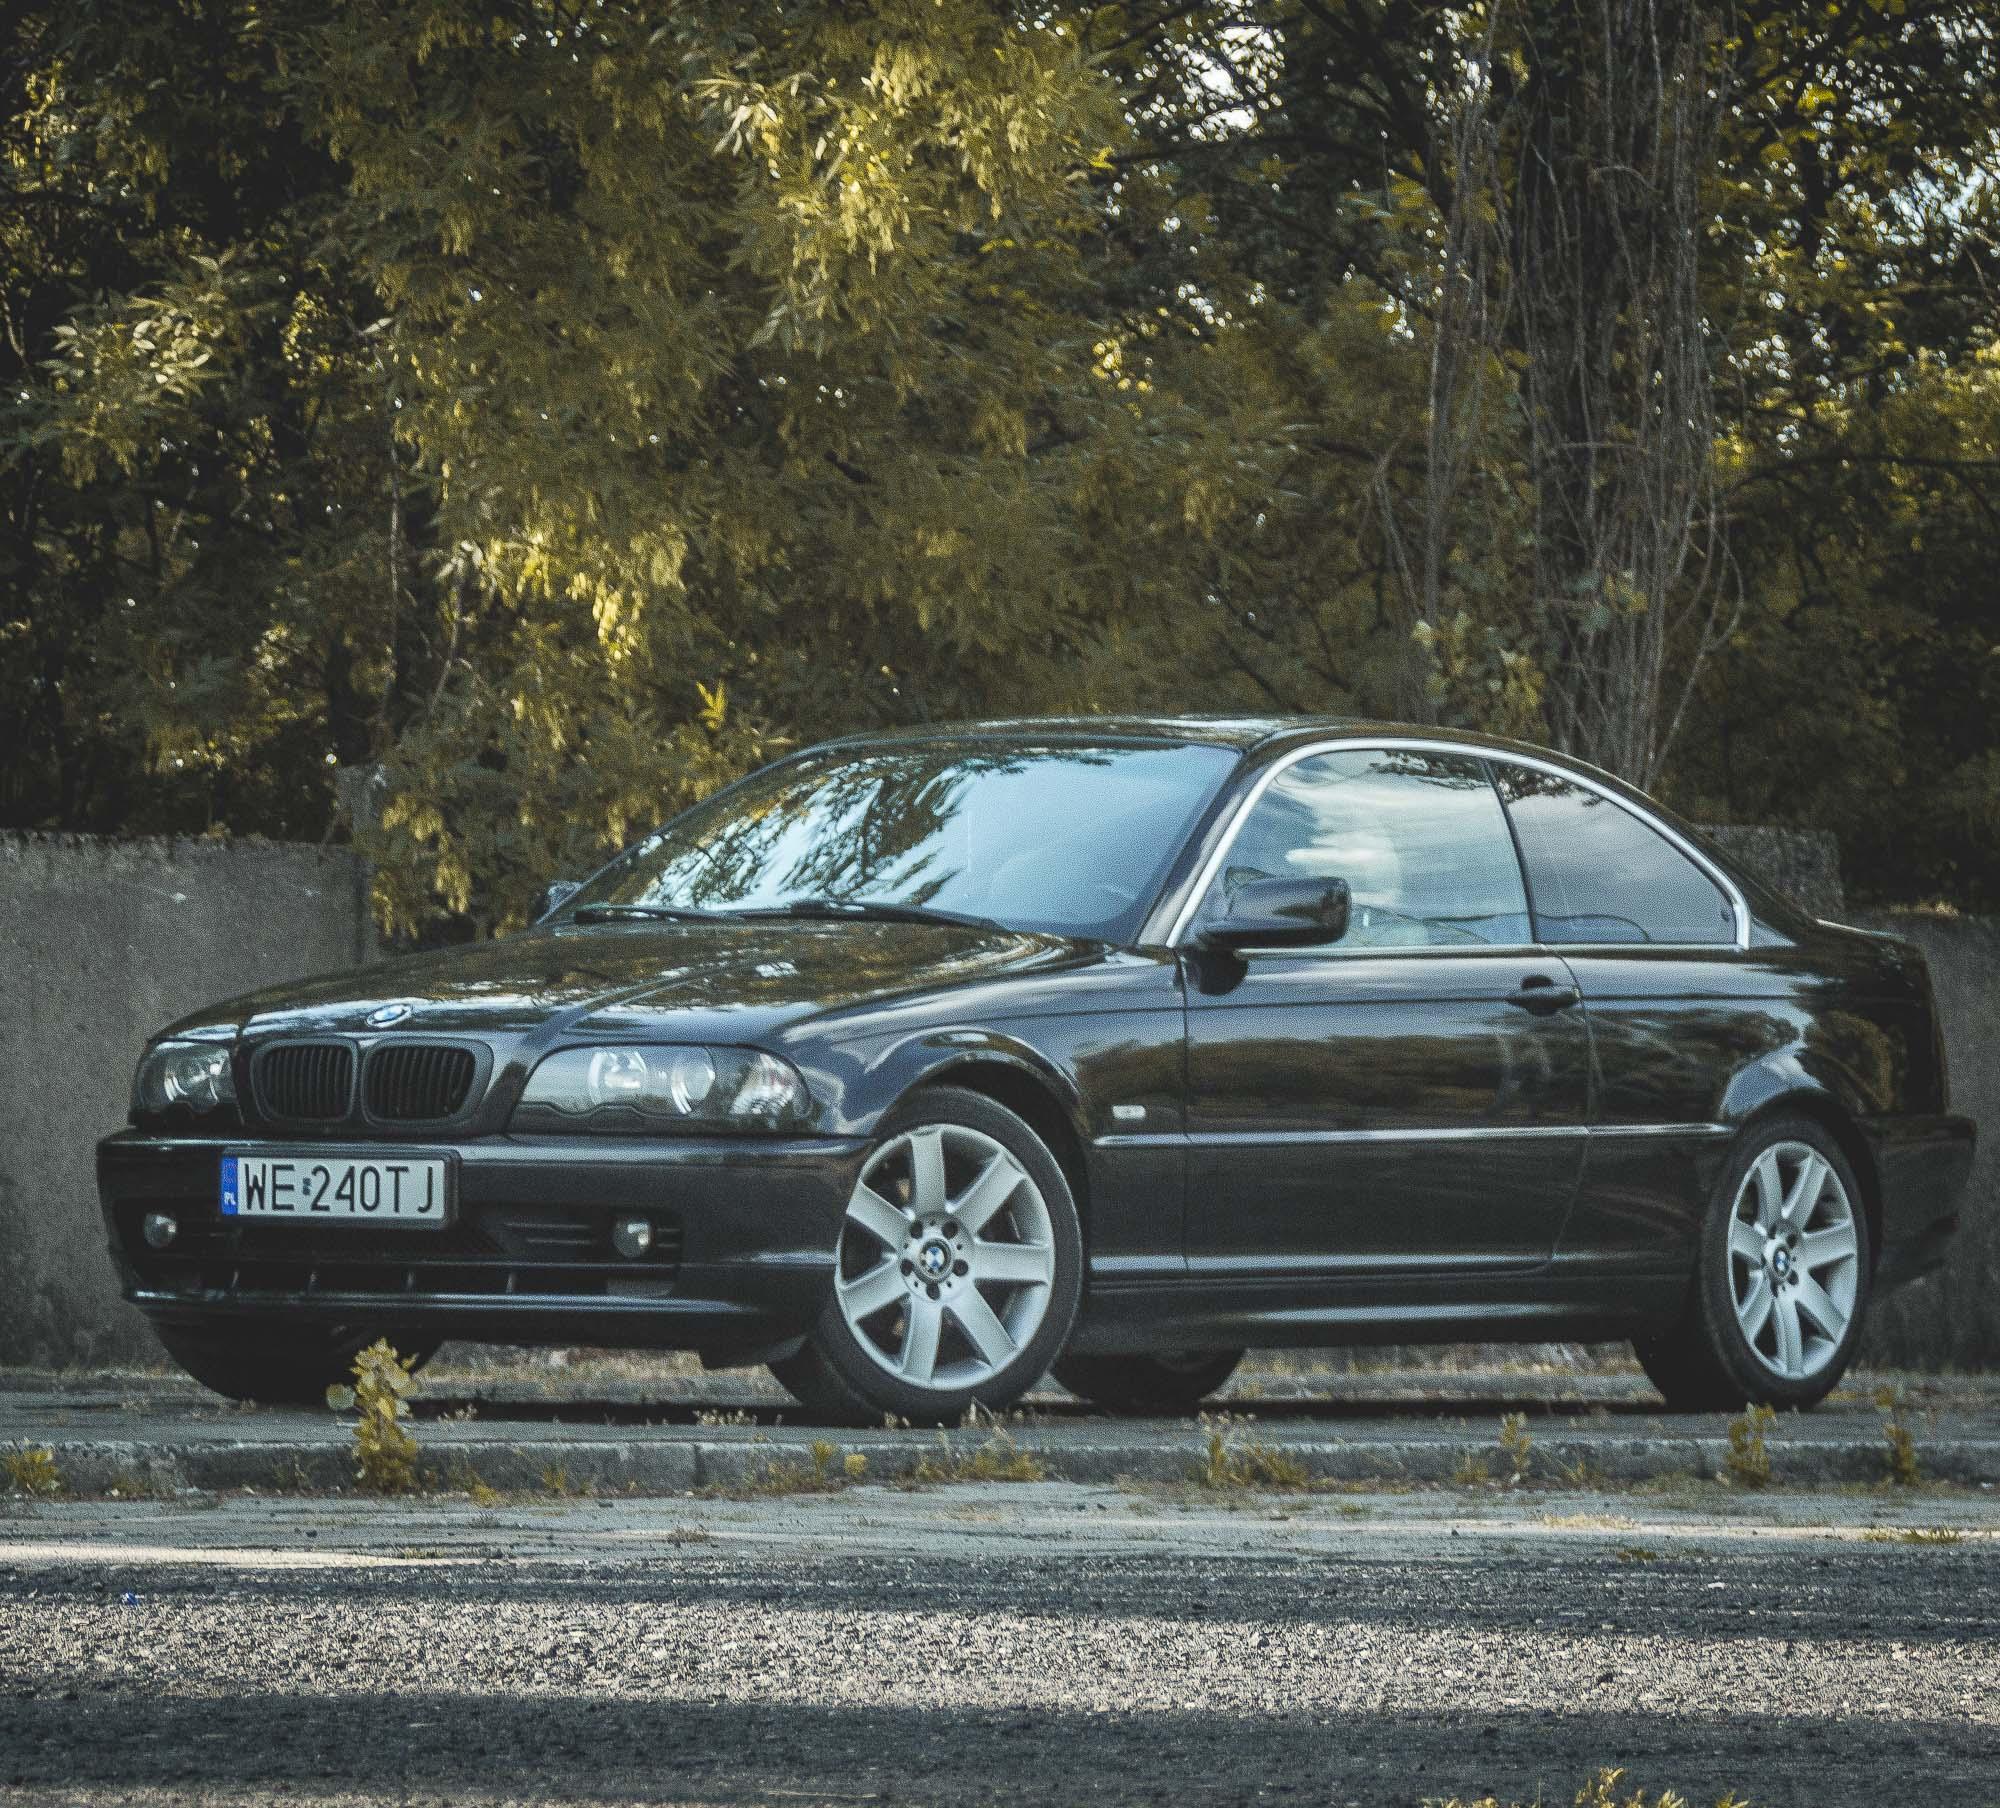 Bmw Zed 1: Kupiłem 19-letnie BMW E46 I Dawno Nie Byłem Tak Zadowolony